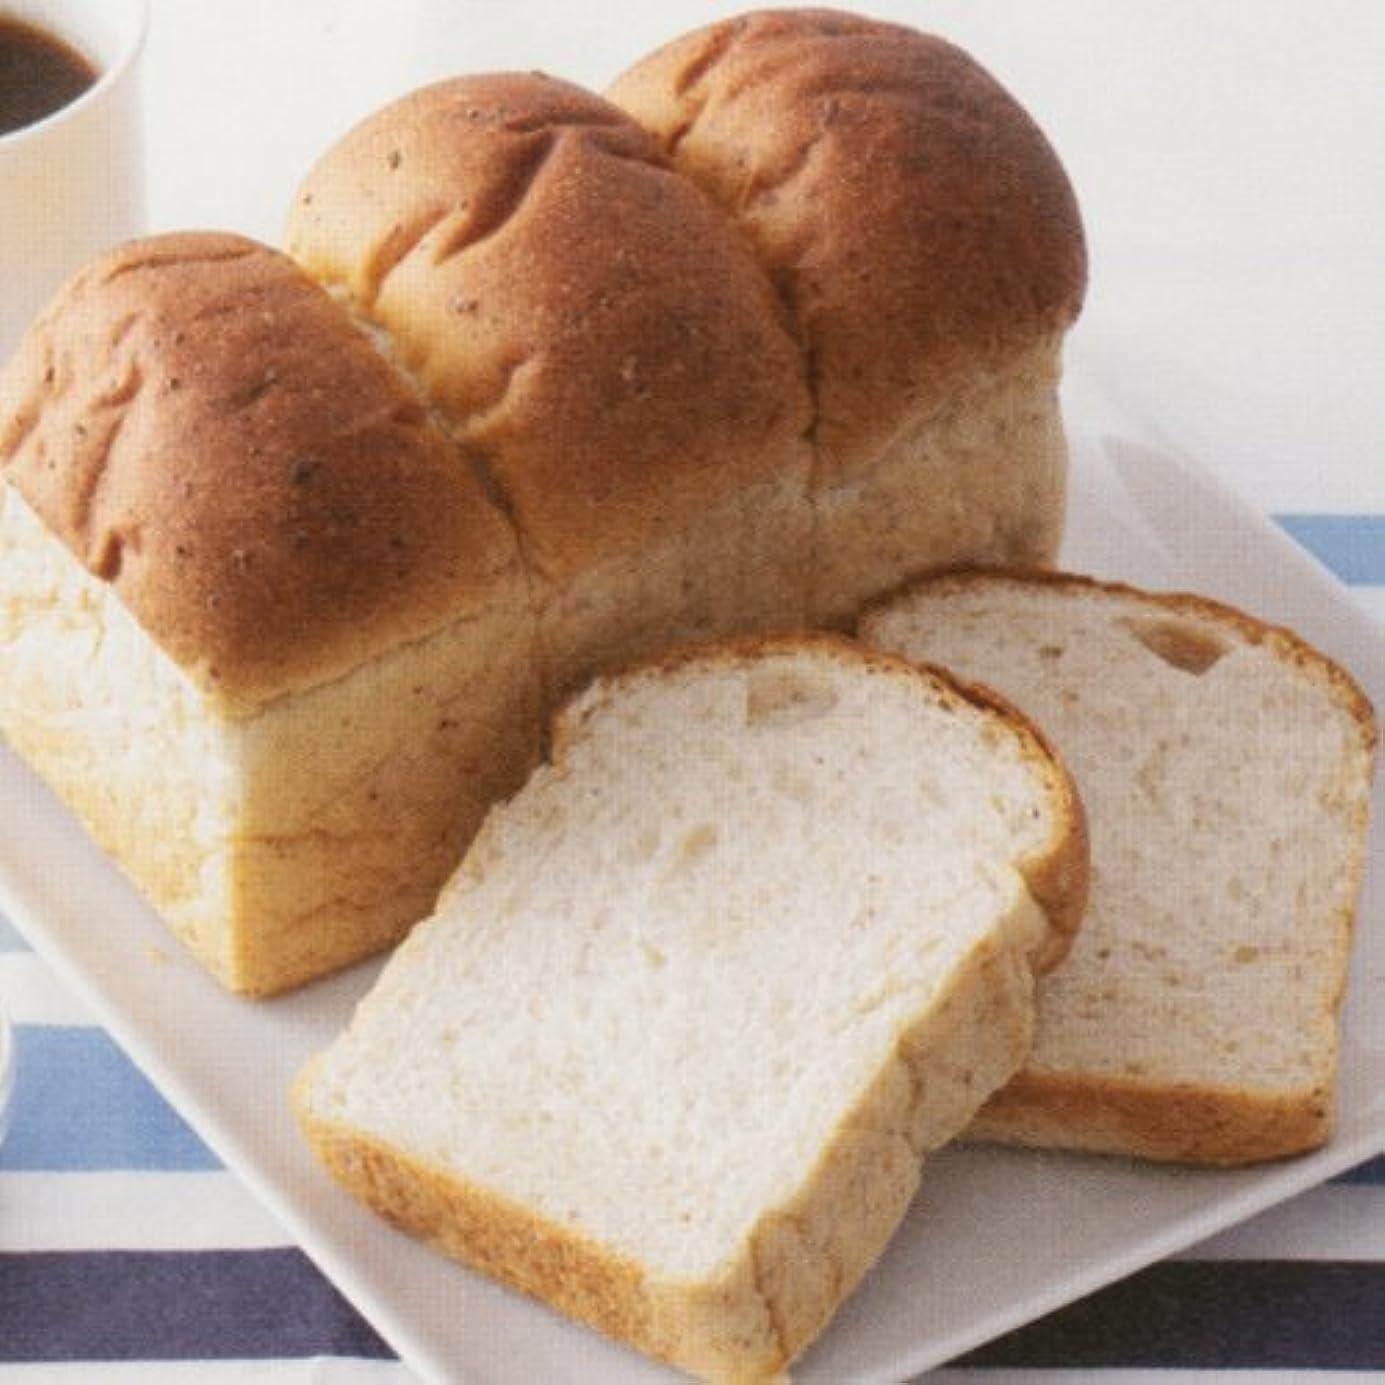 転用排泄するマージン食パン検索TOP!特製ミルク食パン~水を使わず牛乳だけで作ったこだわりのプレミアム食パン~